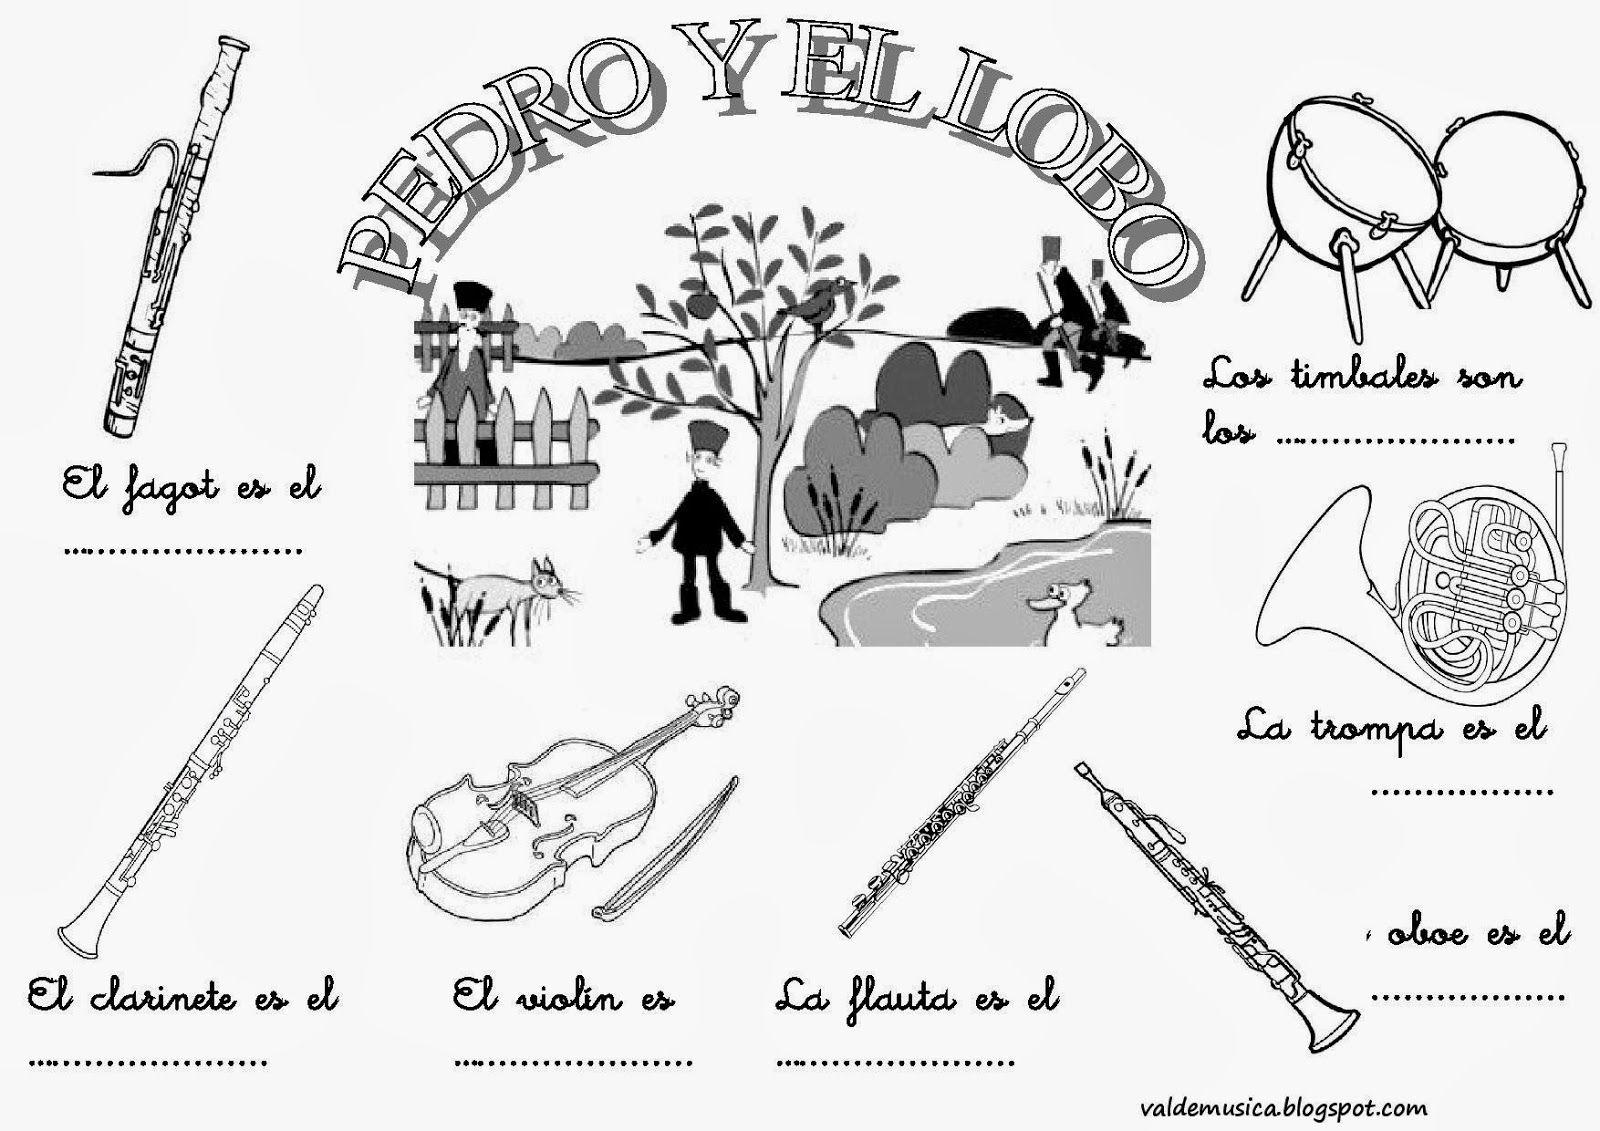 Pedro Y El Lobo Com Imagens Partituras Musica Flauta